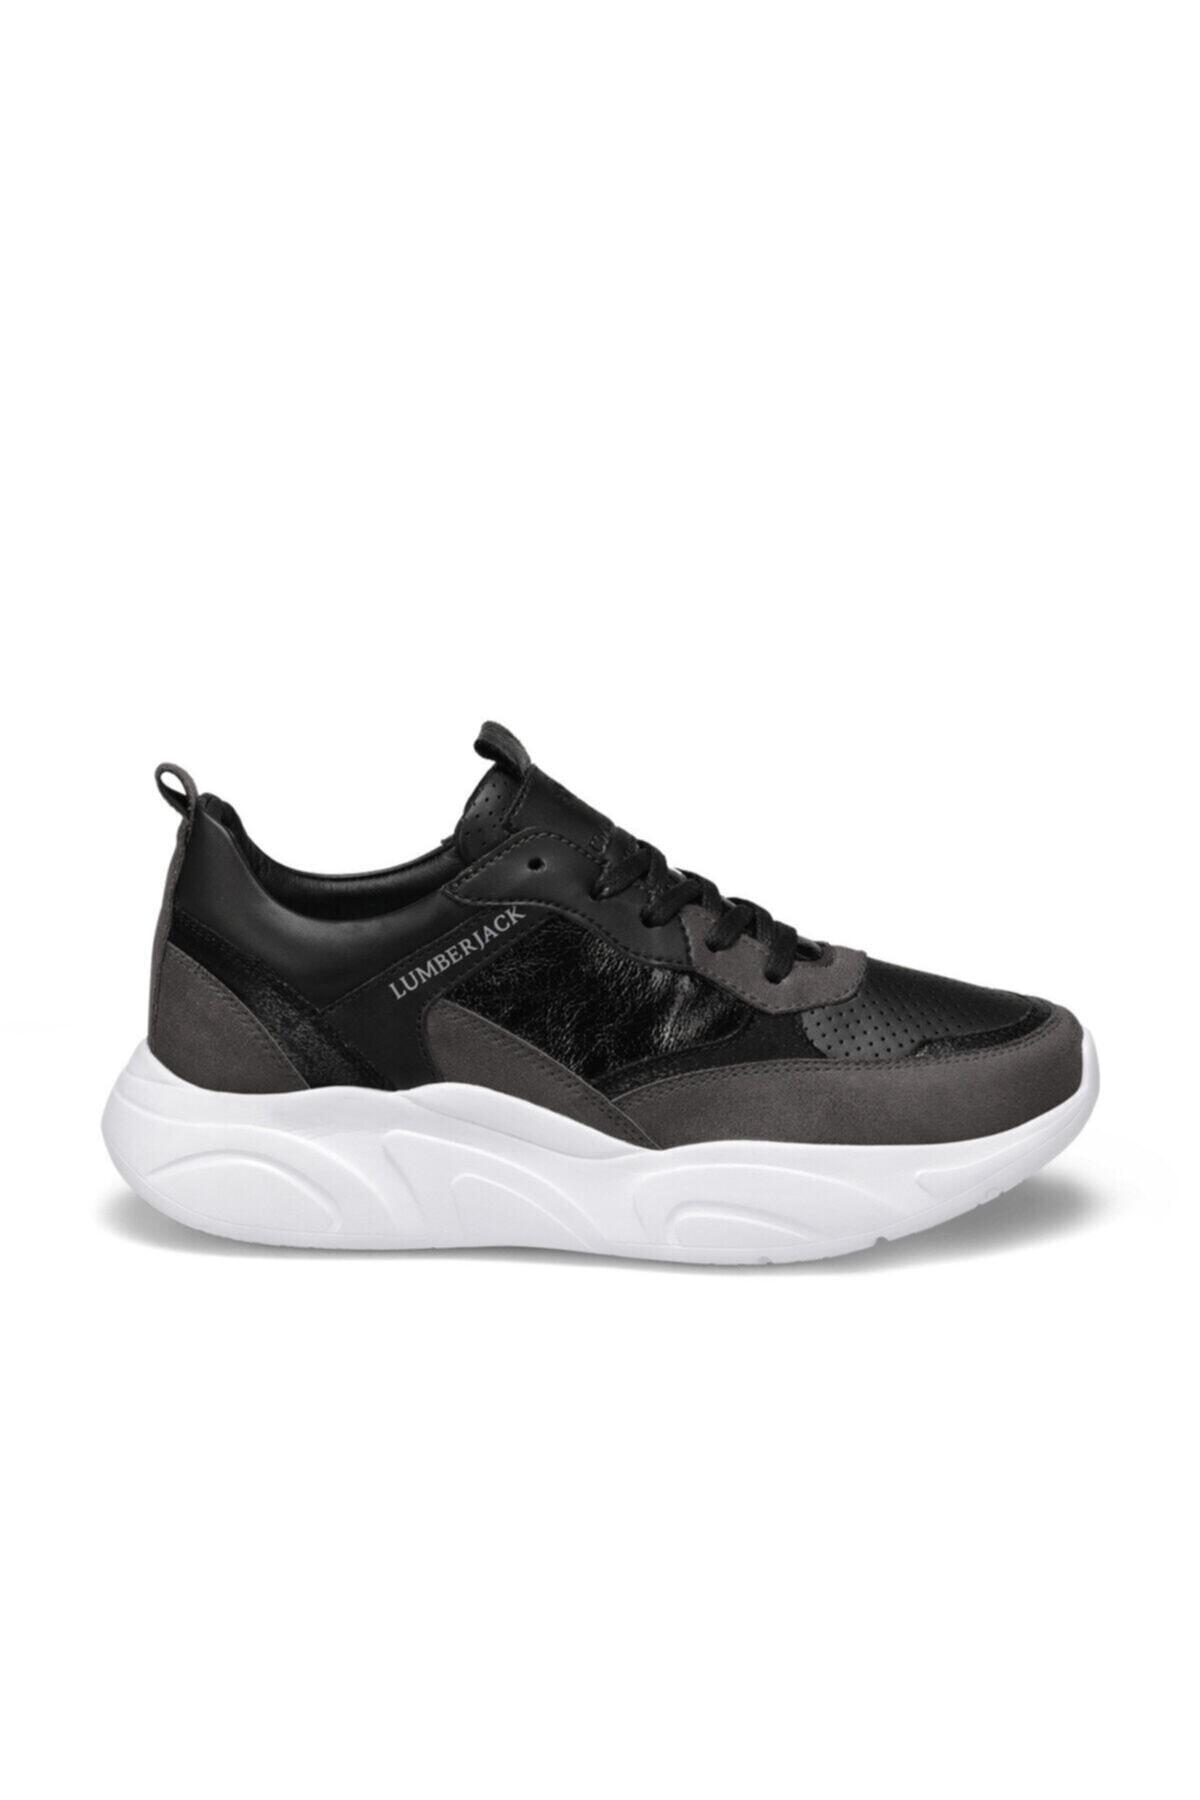 lumberjack LILIAN Siyah Kadın Sneaker Ayakkabı 100486544 2